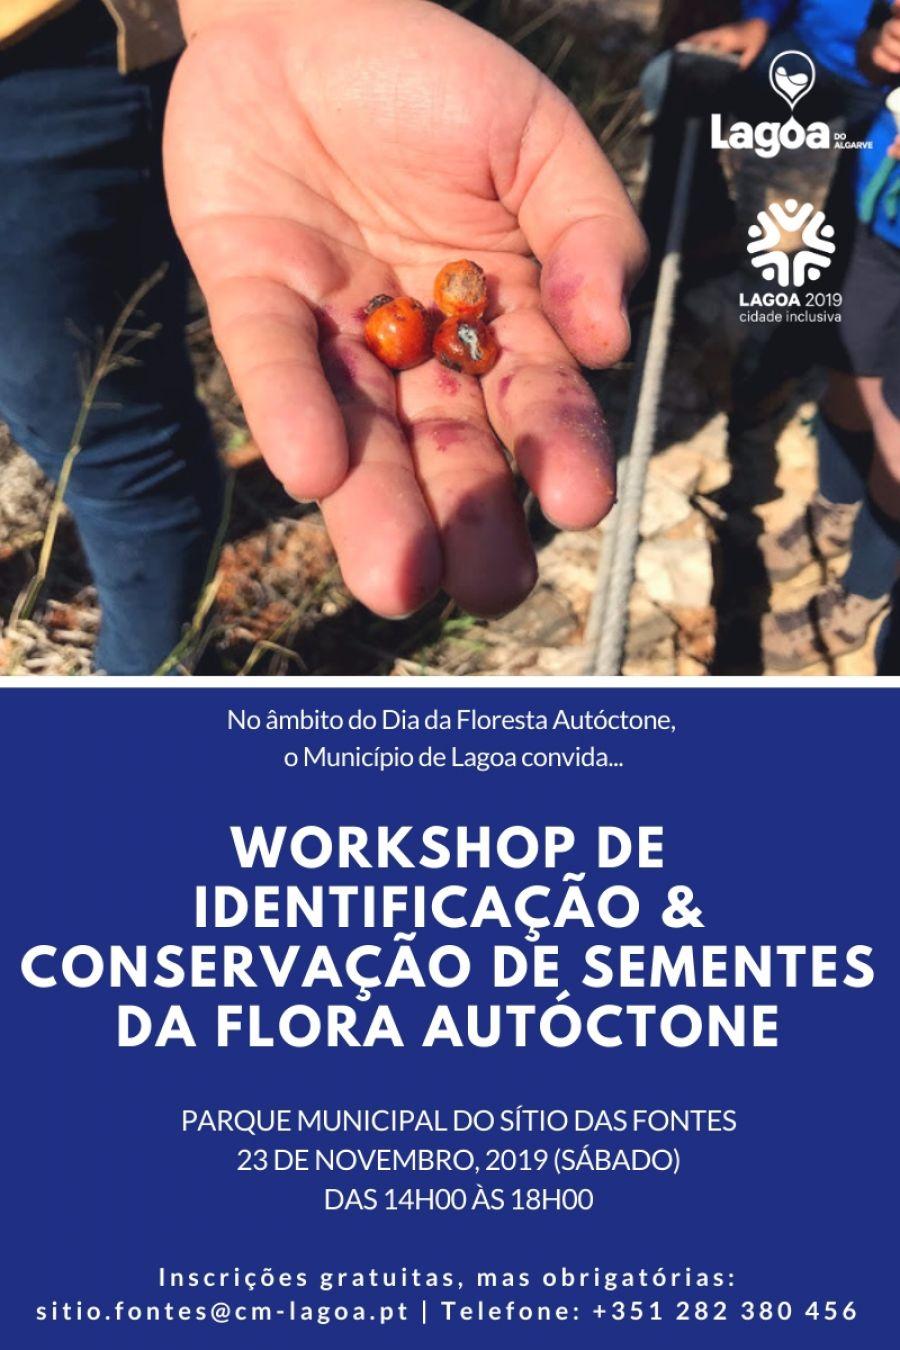 Workshop de Identificação e Conservação de Sementes da Flora Autóctone (4h)